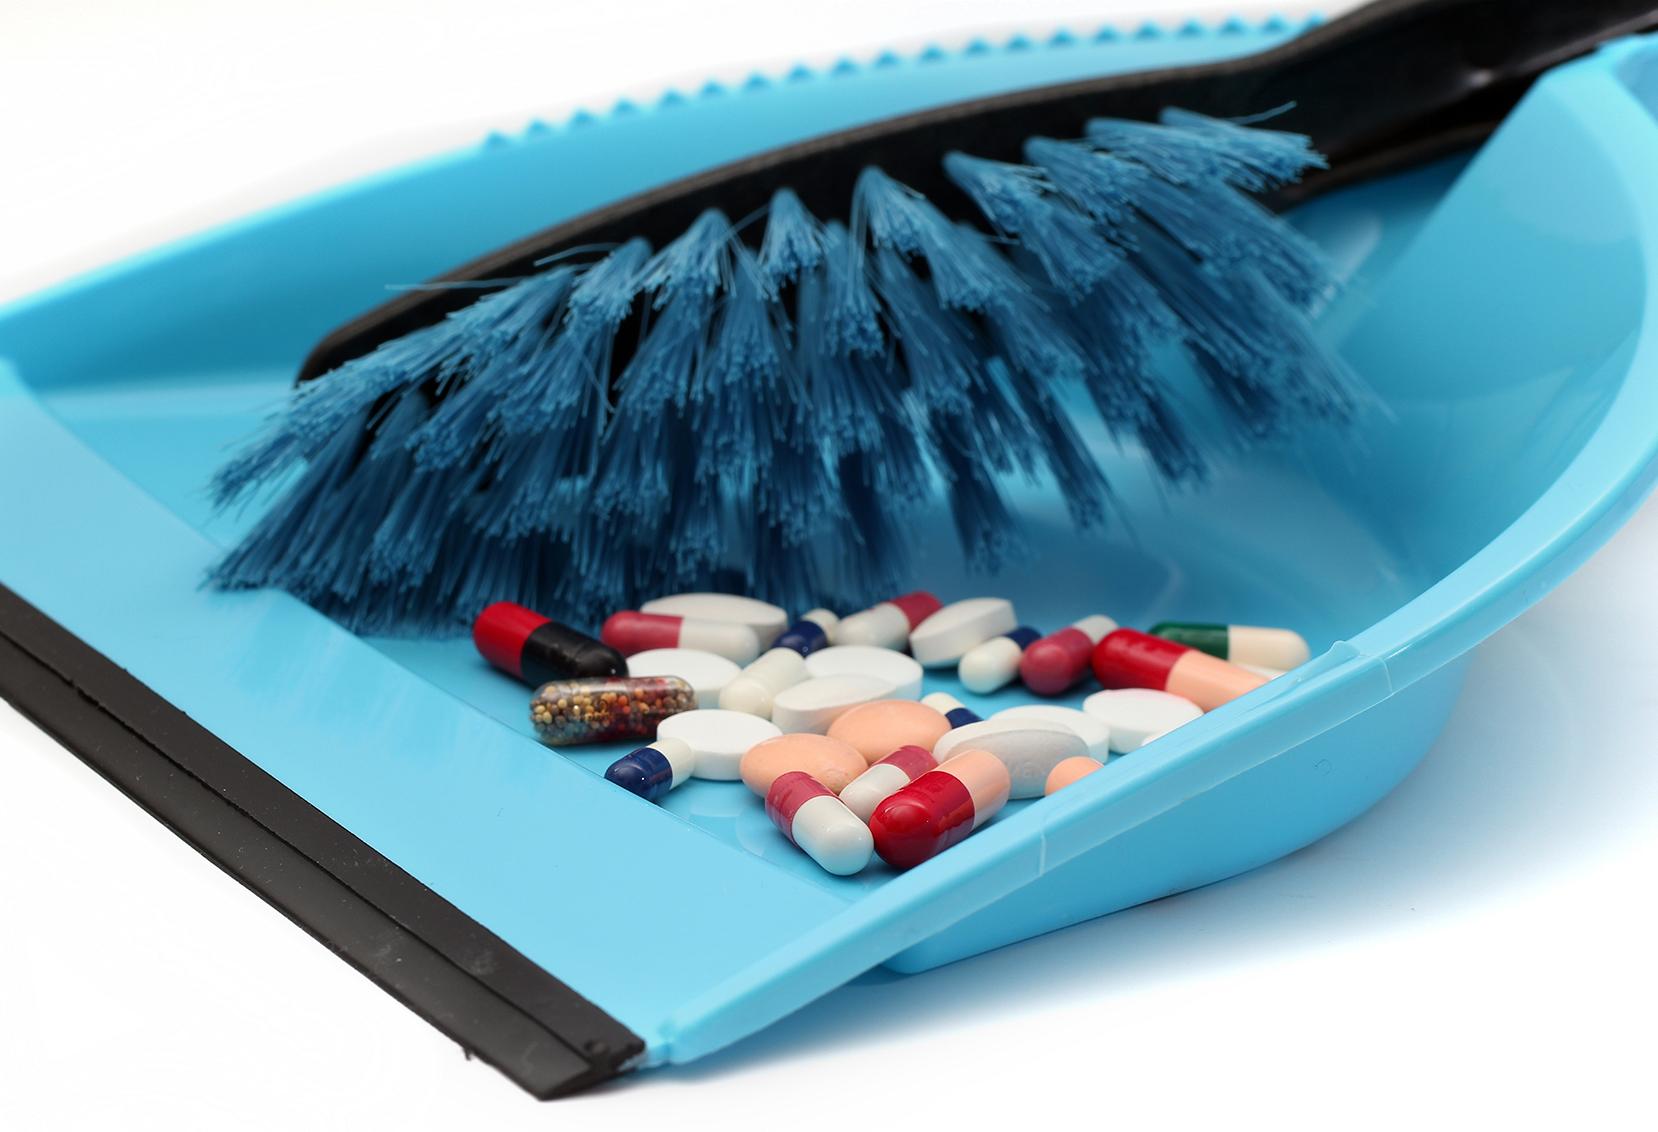 Aprenda a descartar corretamente medicamentos vencidos ou sem uso